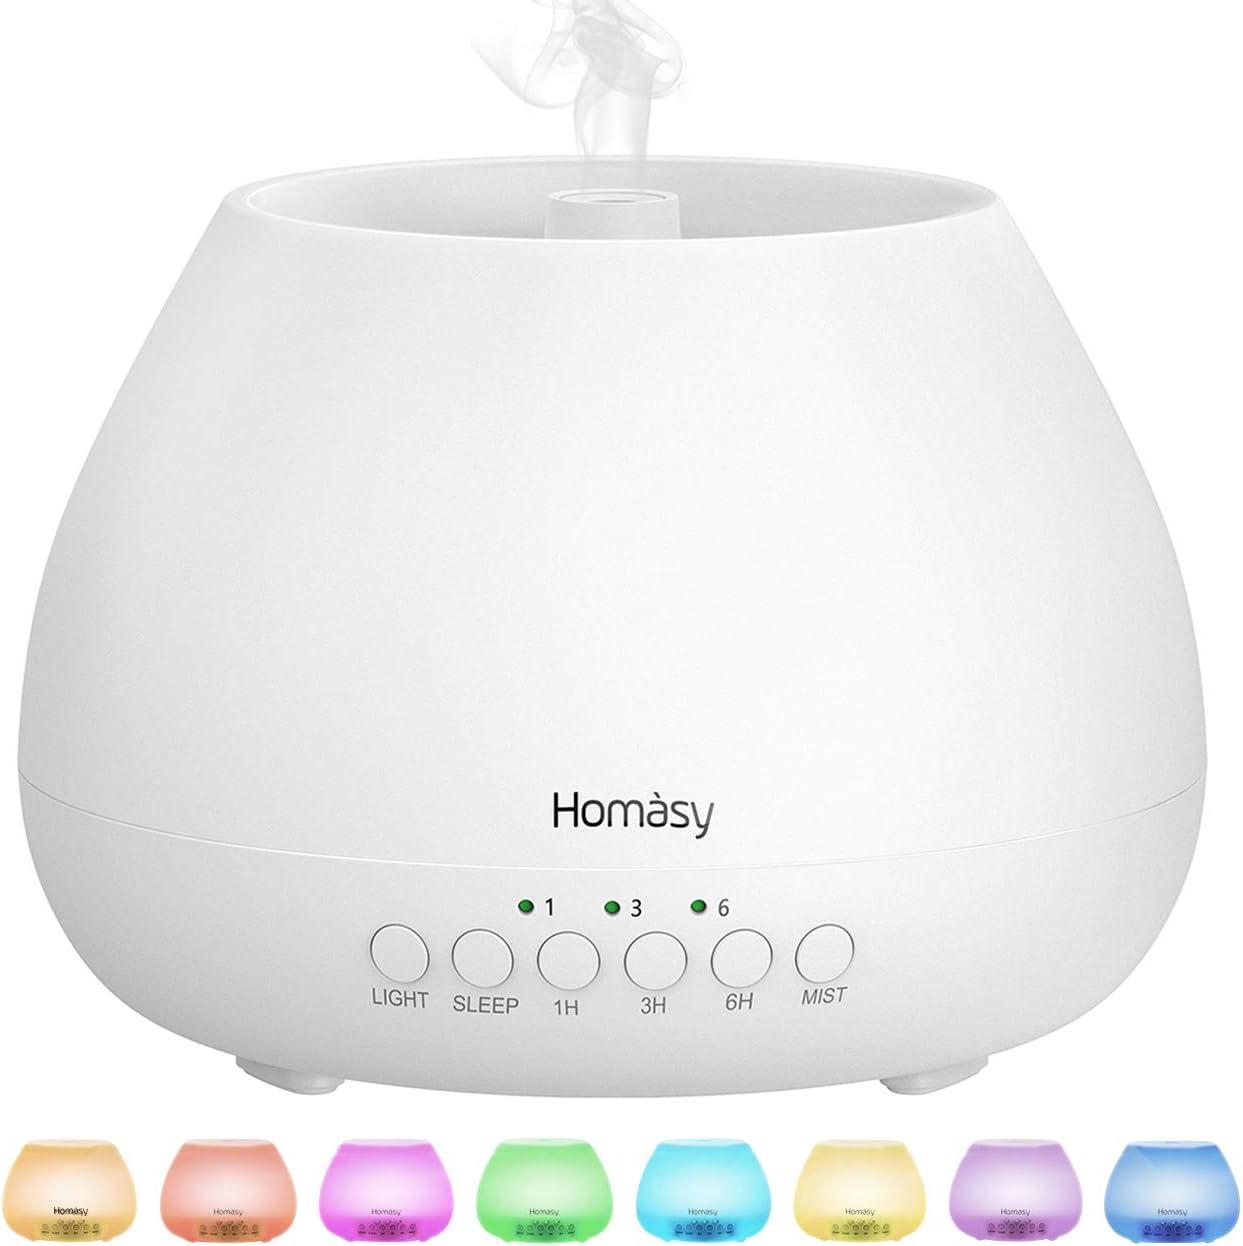 Homasy 500ml Difusor de Aromas, Difusor Aromaterapia con Luz Nocturna de 8 Colores, 21dB Humidificador Aceites Esenciales Ultrasónico, Humidificador Bebés con Lámpara Fragante sin BPA, Blanco